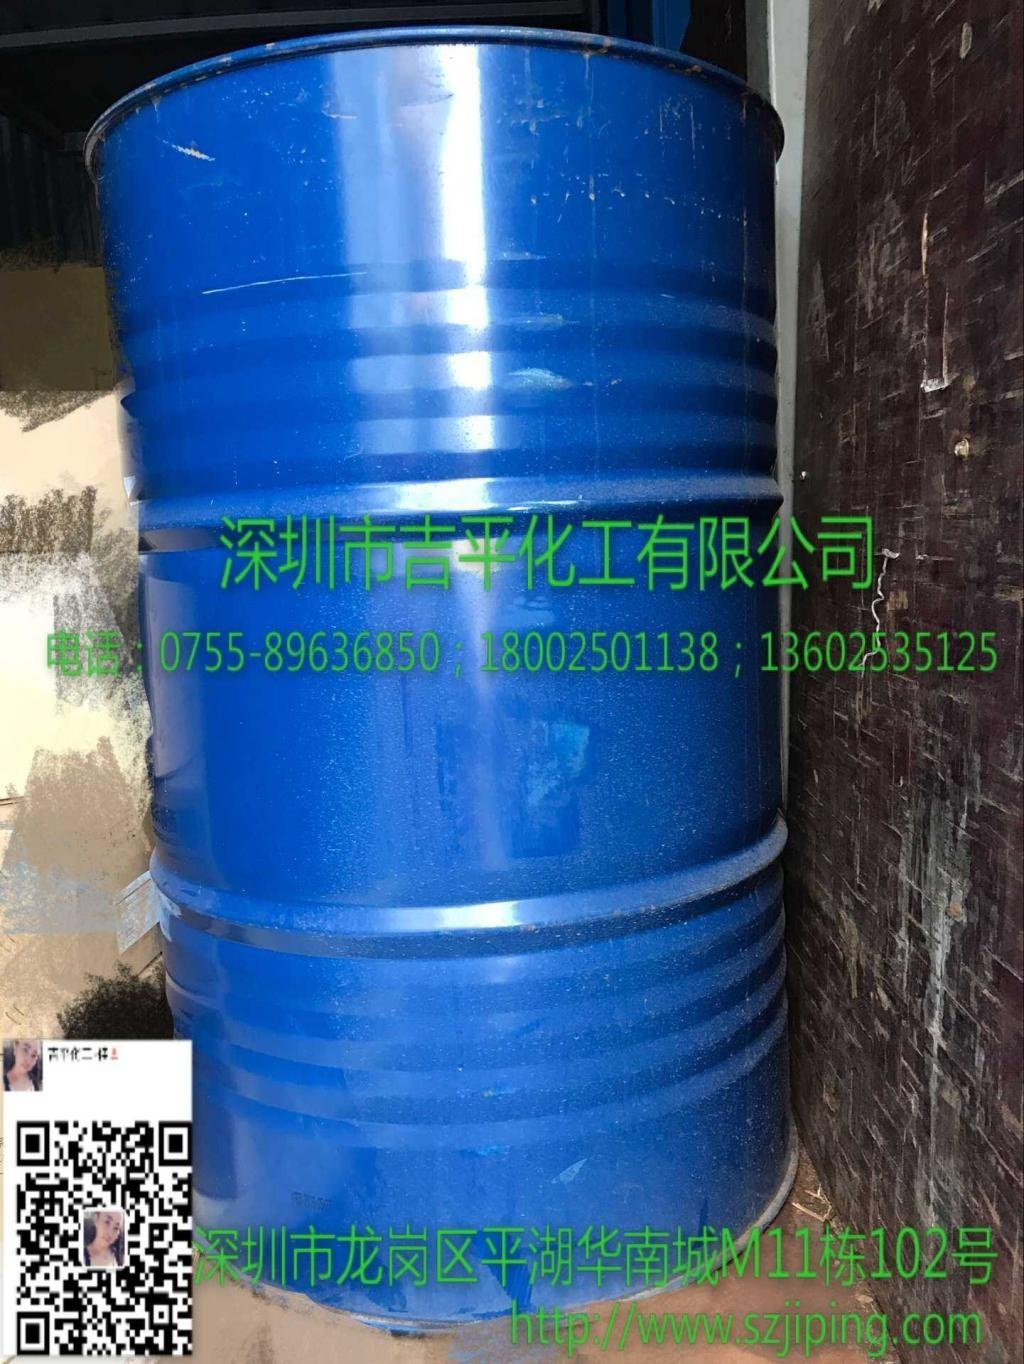 三乙醇胺硼酸酯_三乙醇胺硼酸酯 -盖德化工网